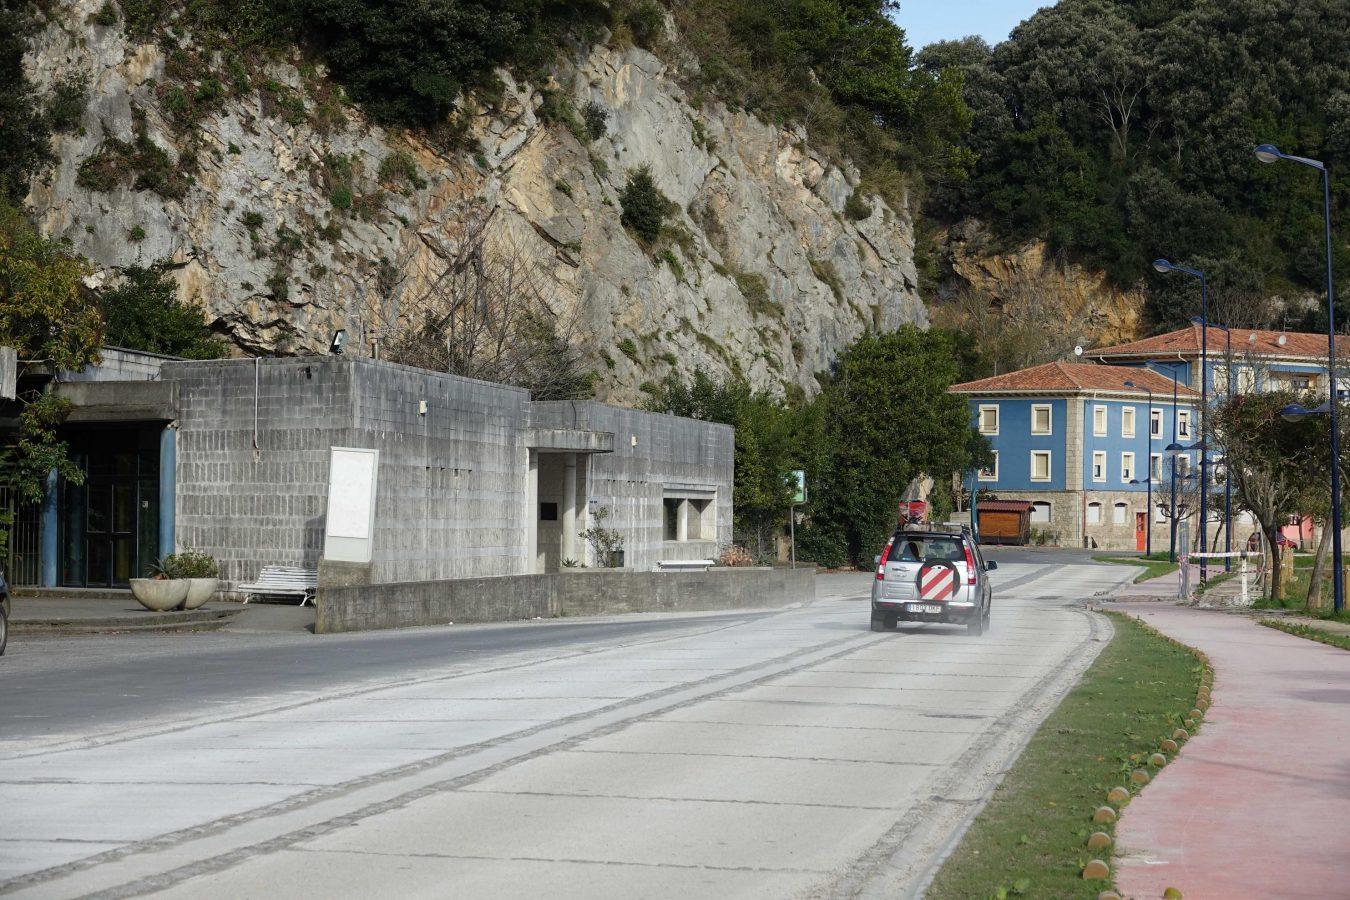 El rechazo a la inversión en Tito Bustillo agudiza la crisis en el seno de Foro Asturias